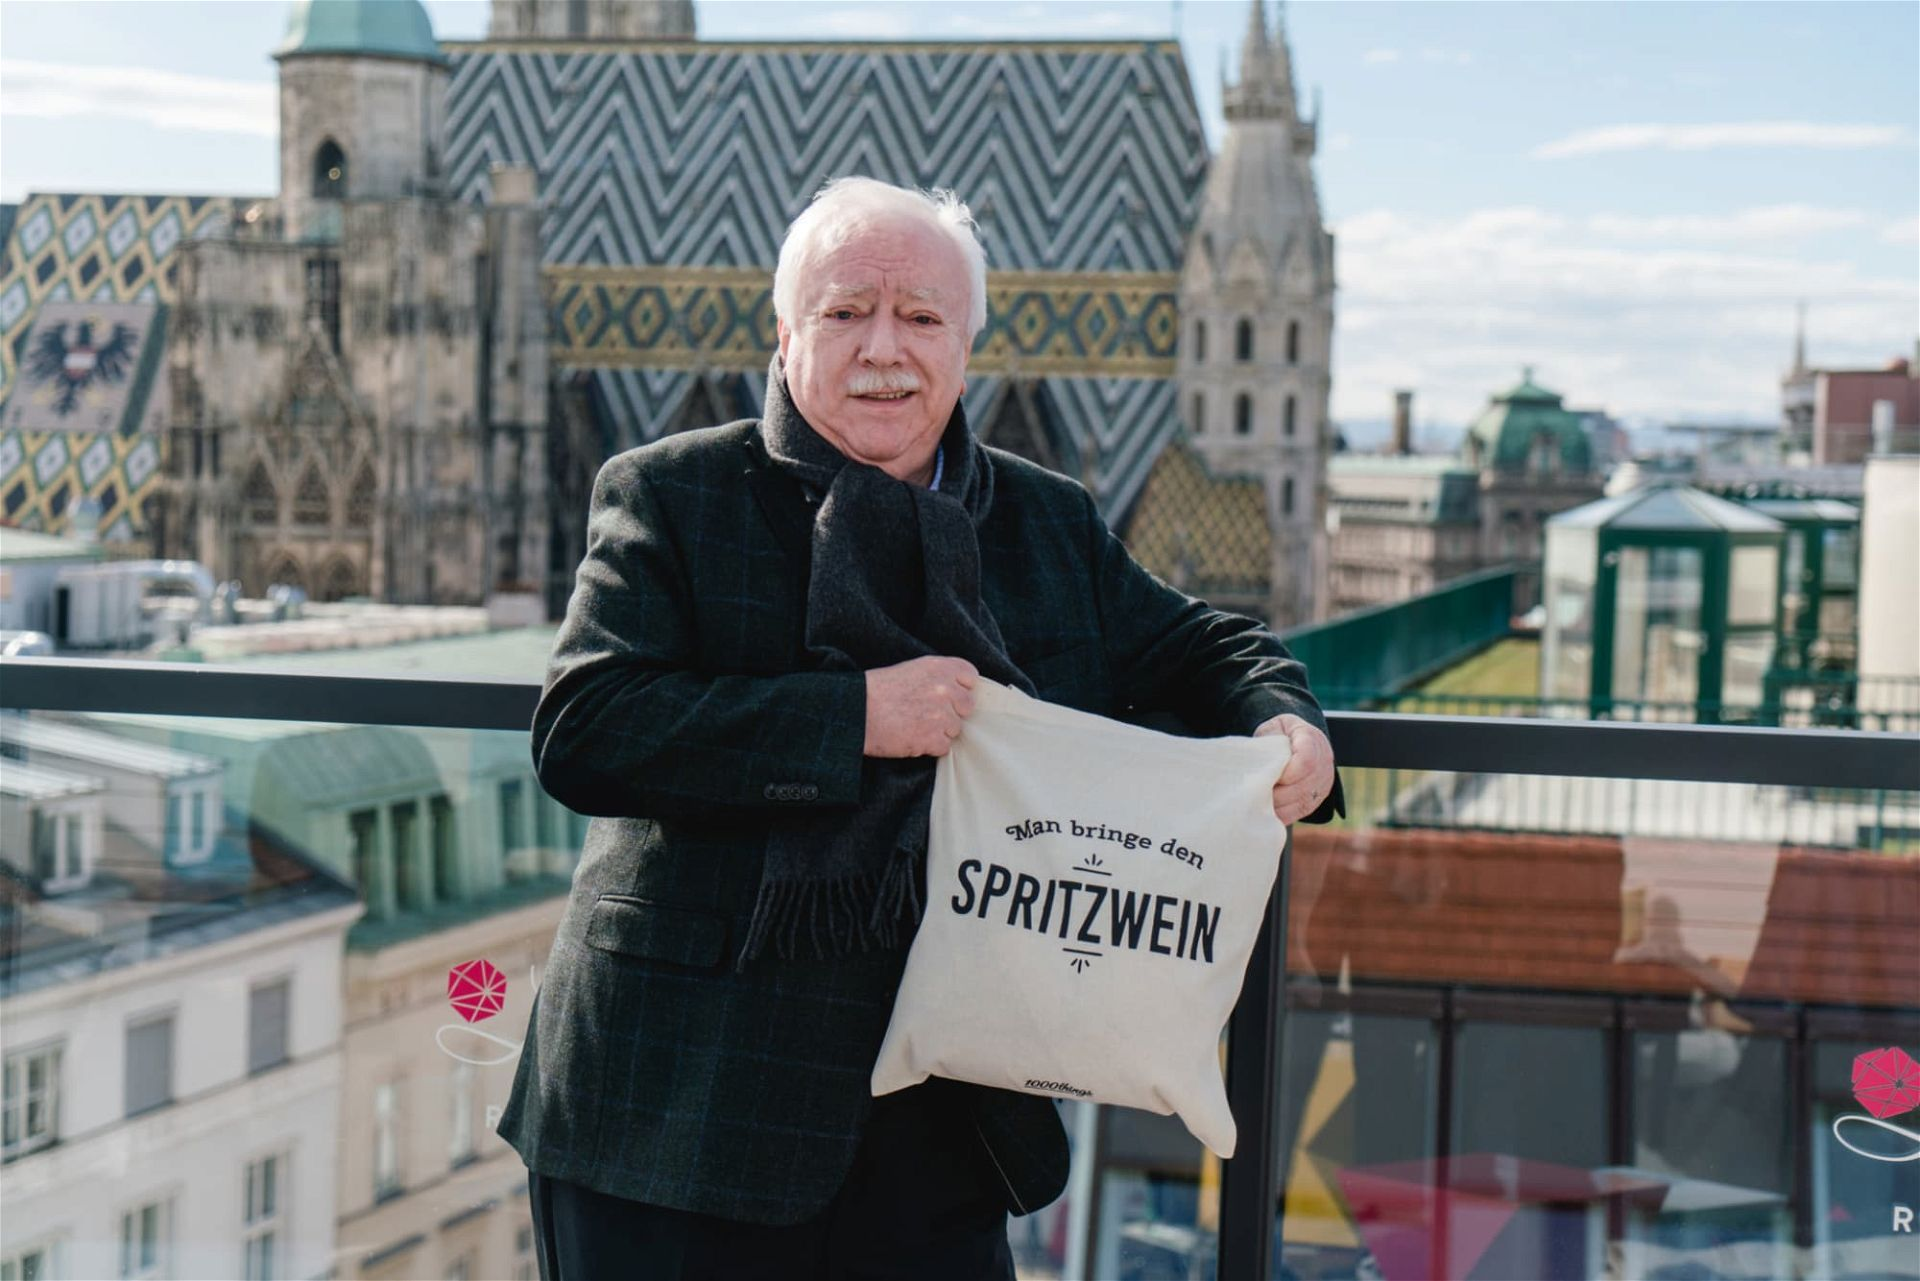 Michael Häupl mit Spritzwein-Tasche